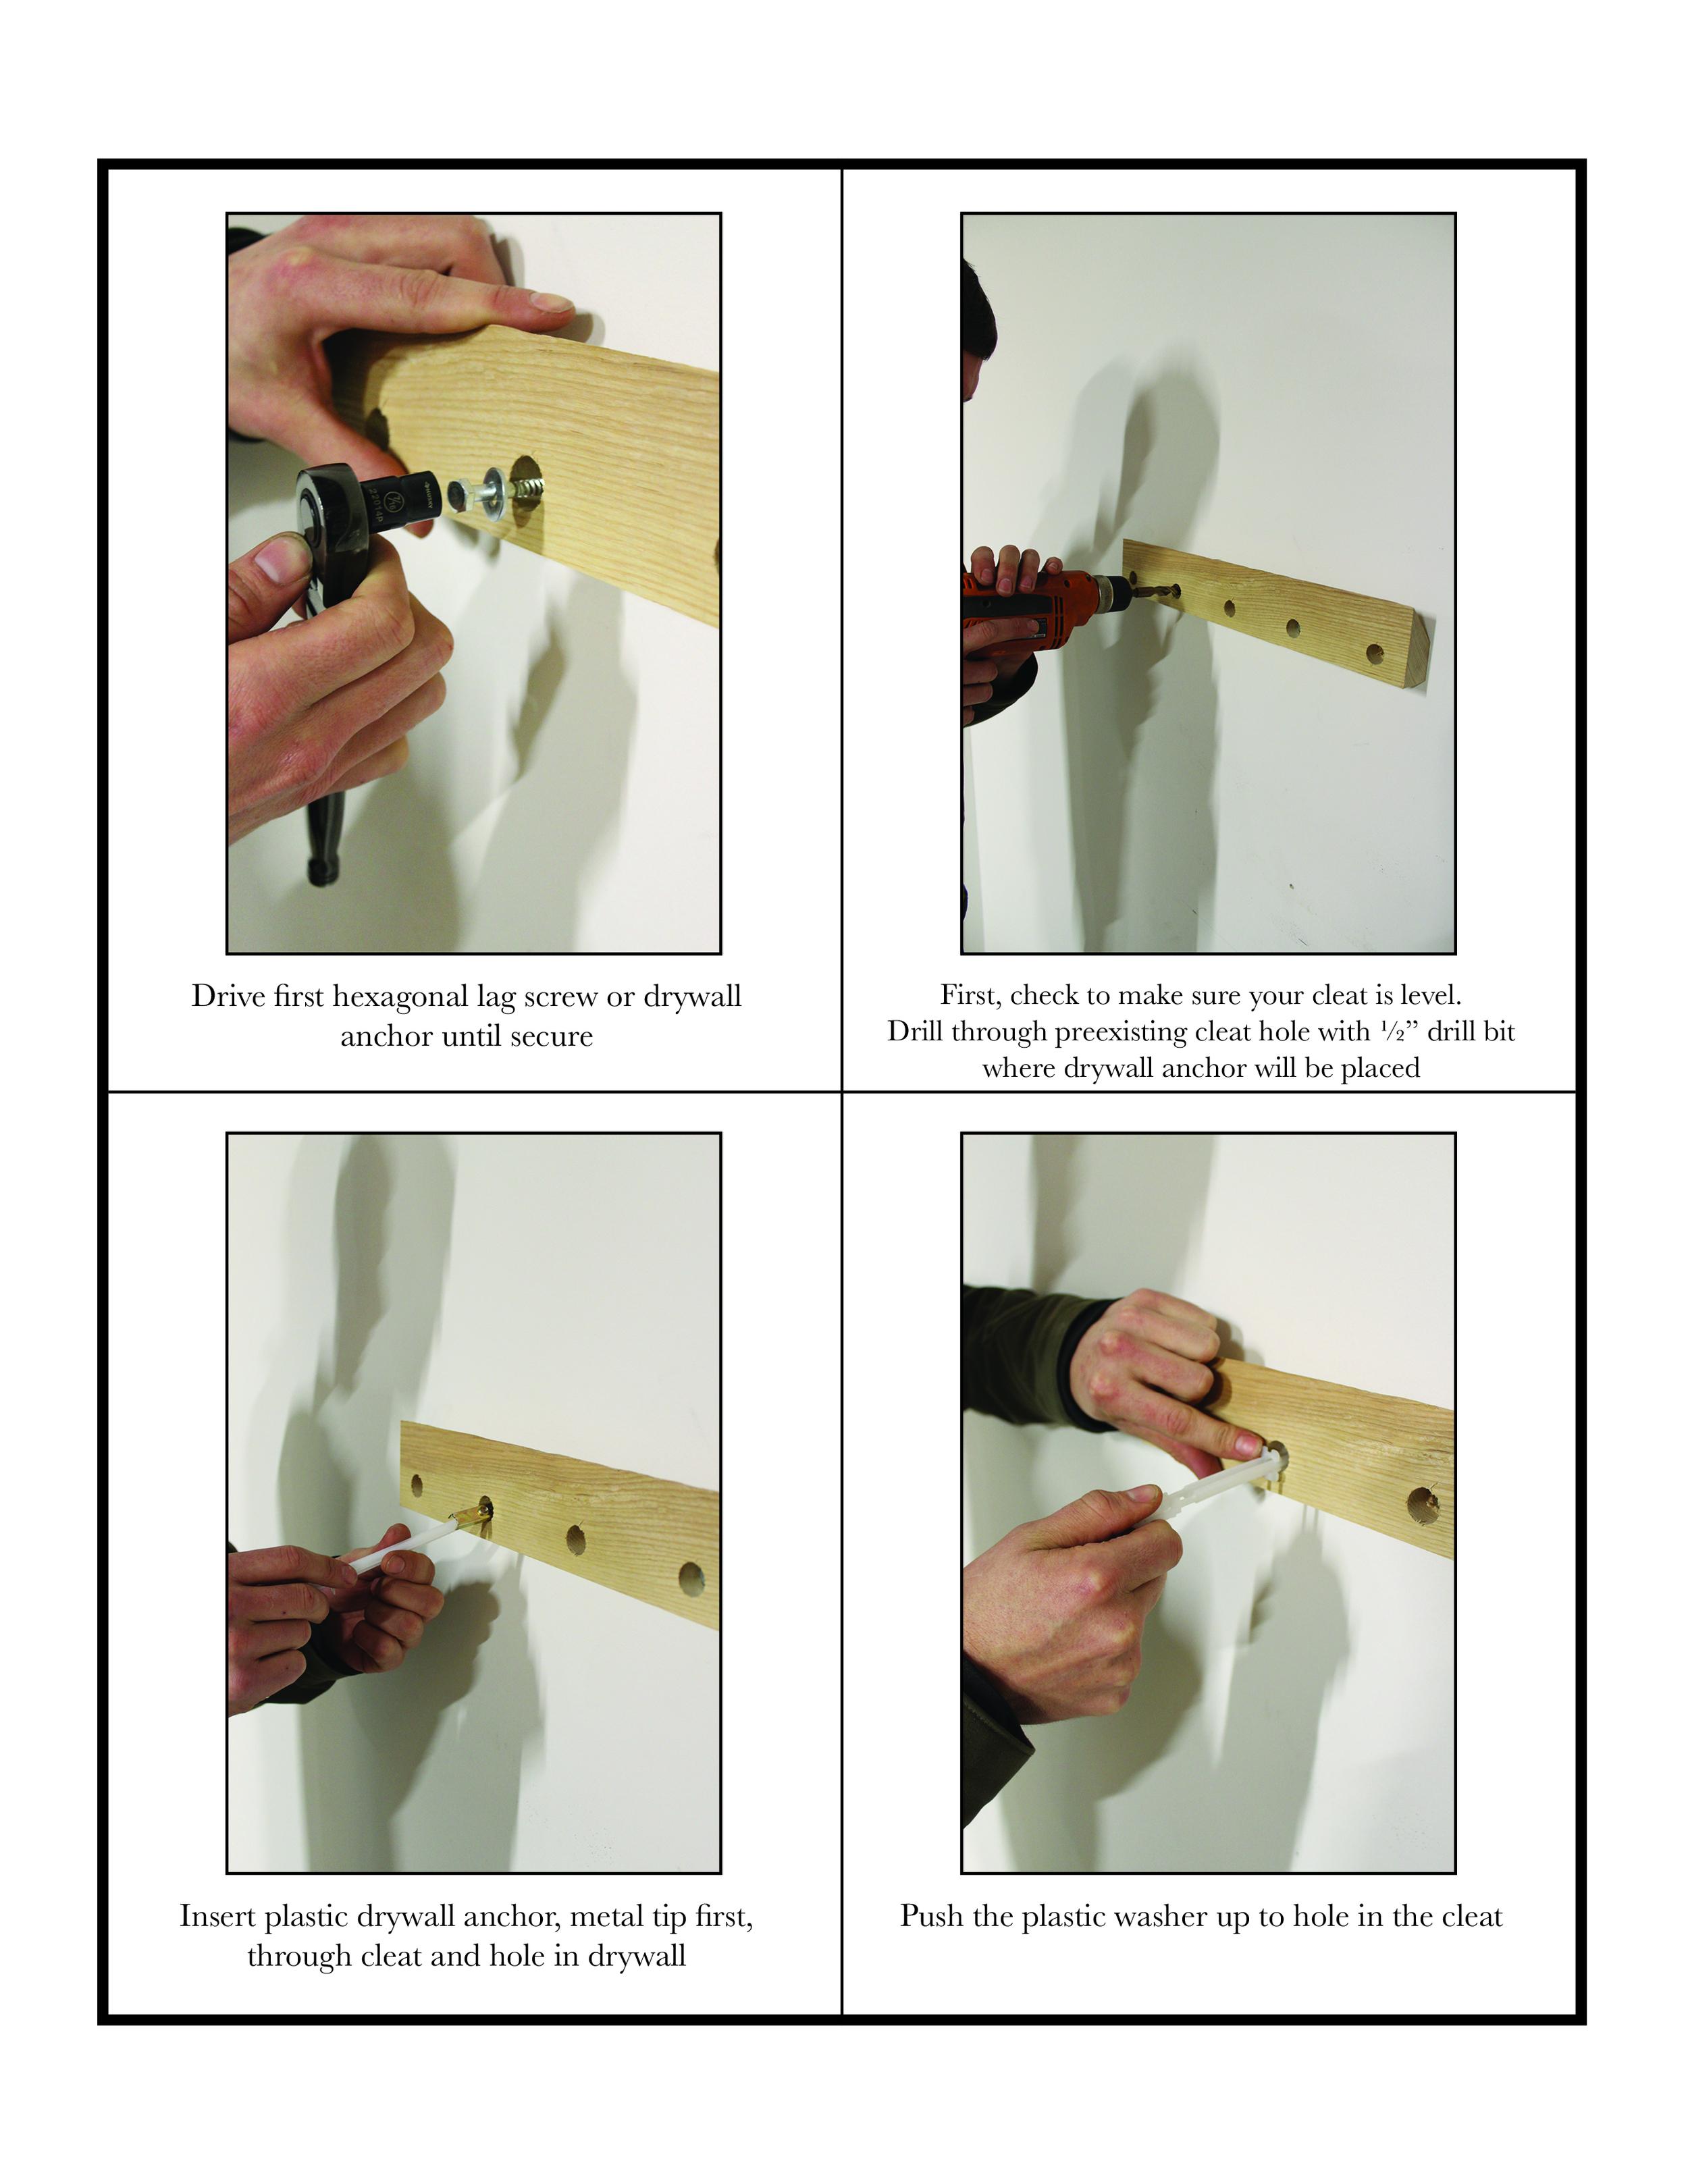 installationinstructions4.jpg